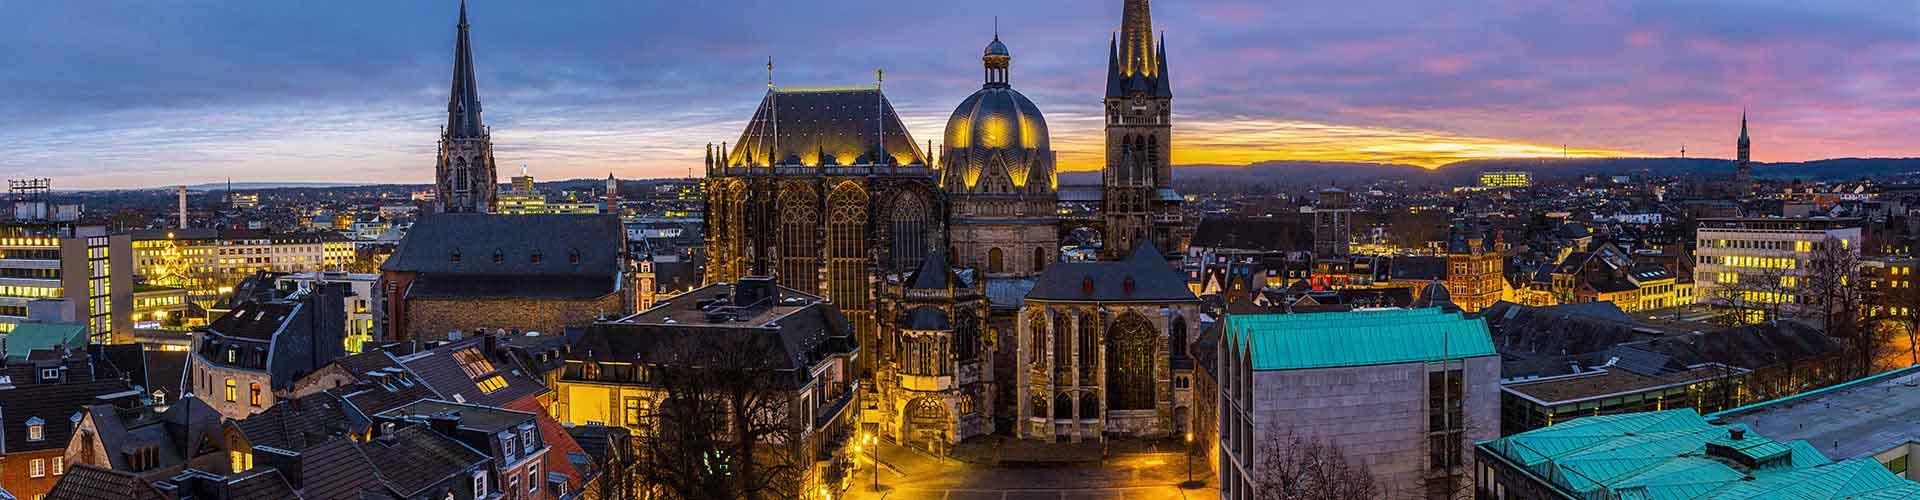 Aachen - Habitaciones en Aachen. Mapas de Aachen, Fotos y Comentarios para cada habitación en Aachen.